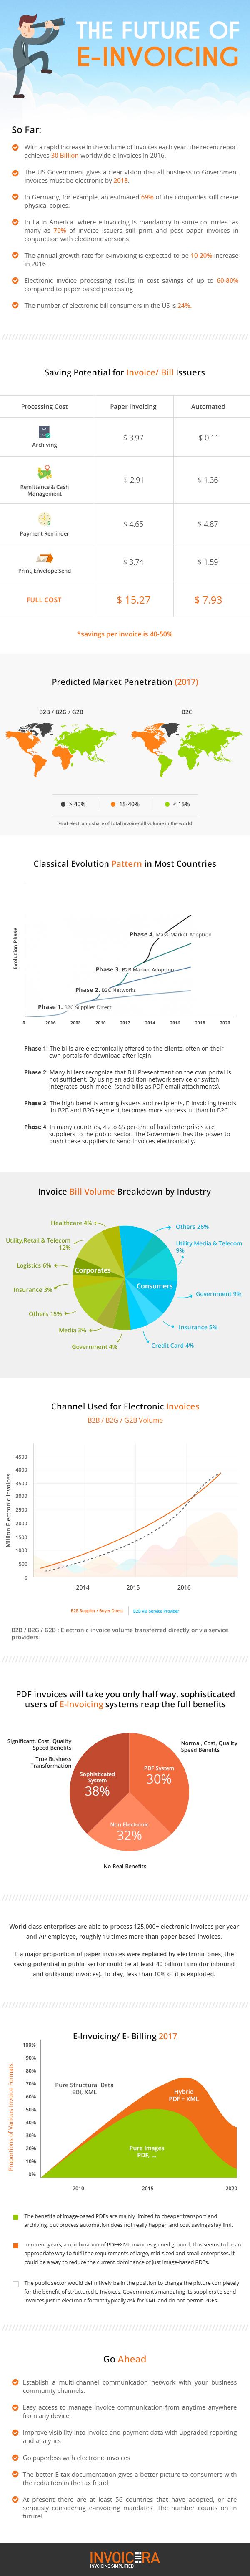 e-invoicing evolution